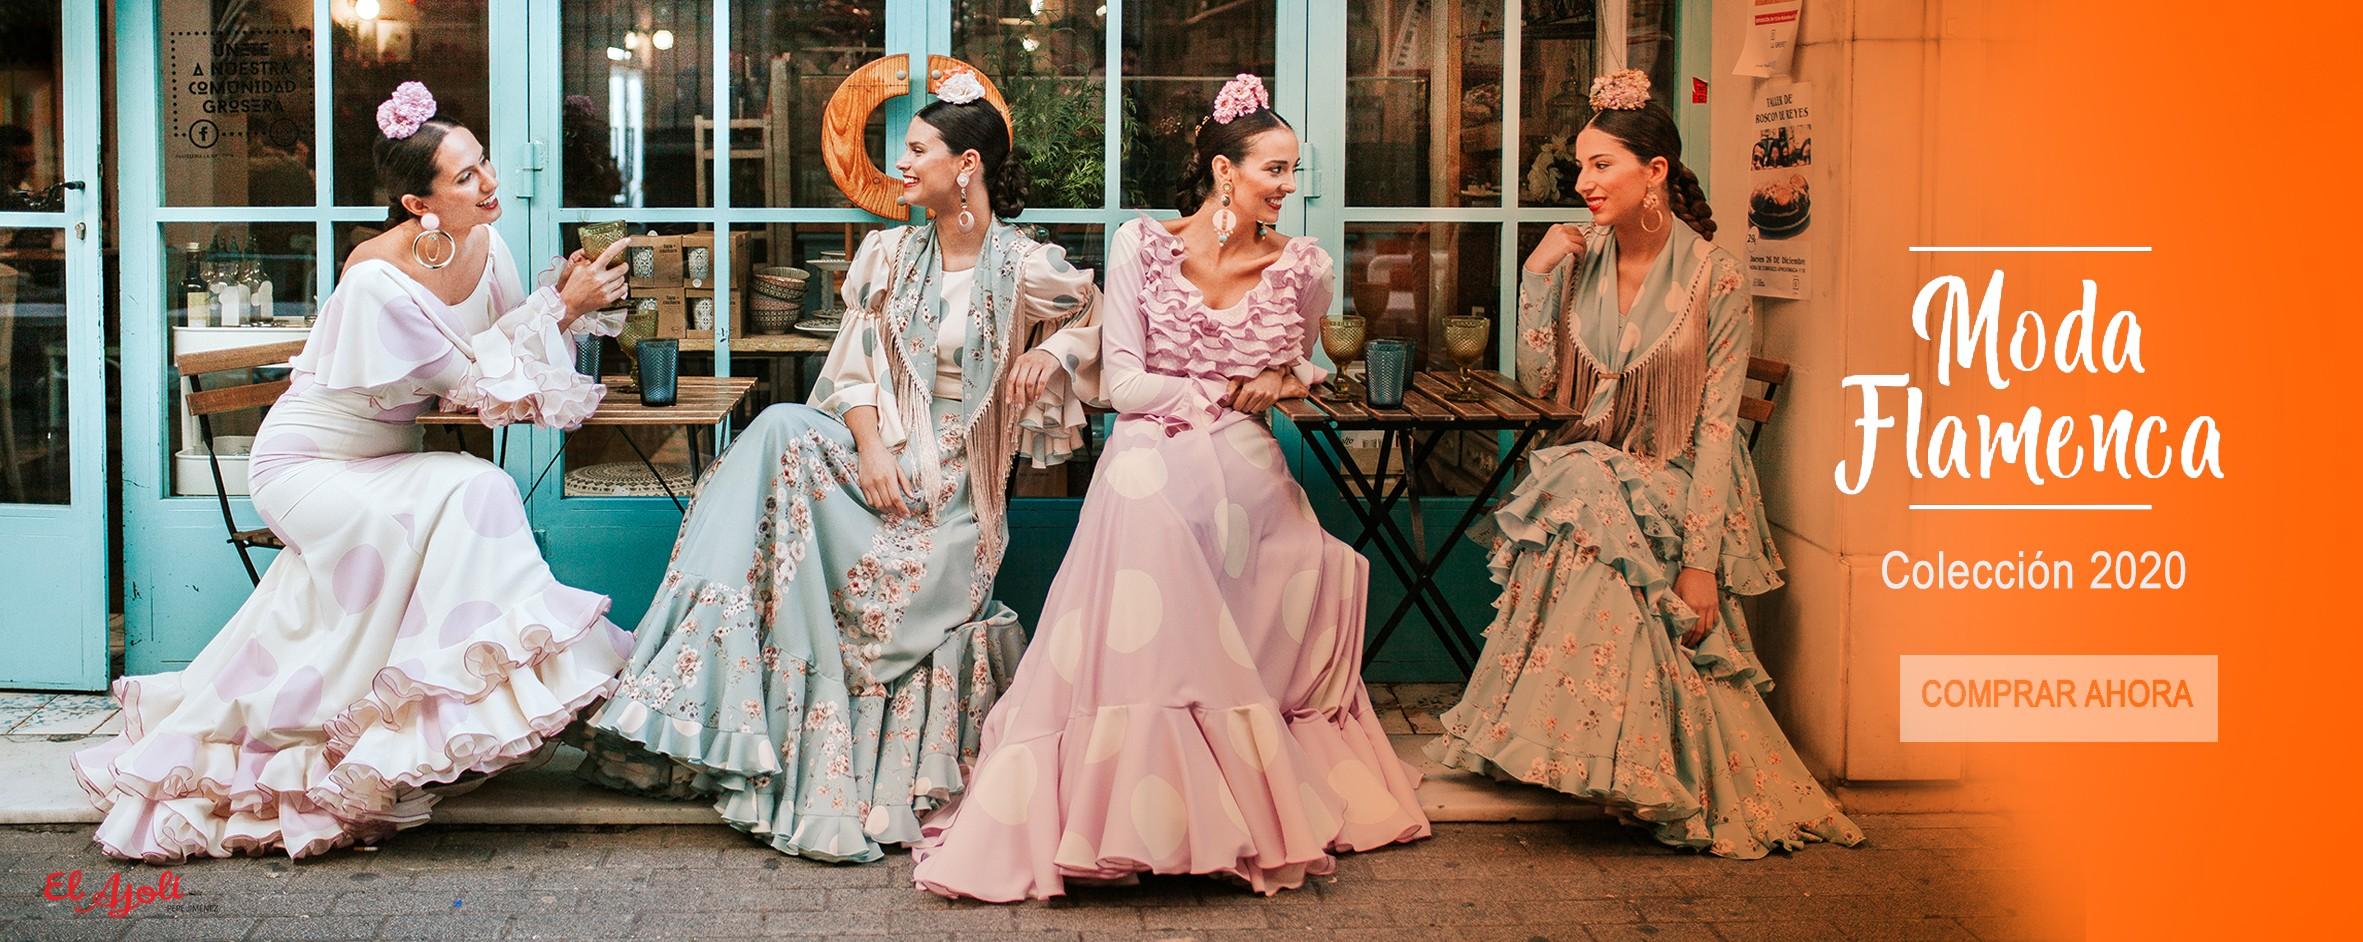 flamenco enero 2020